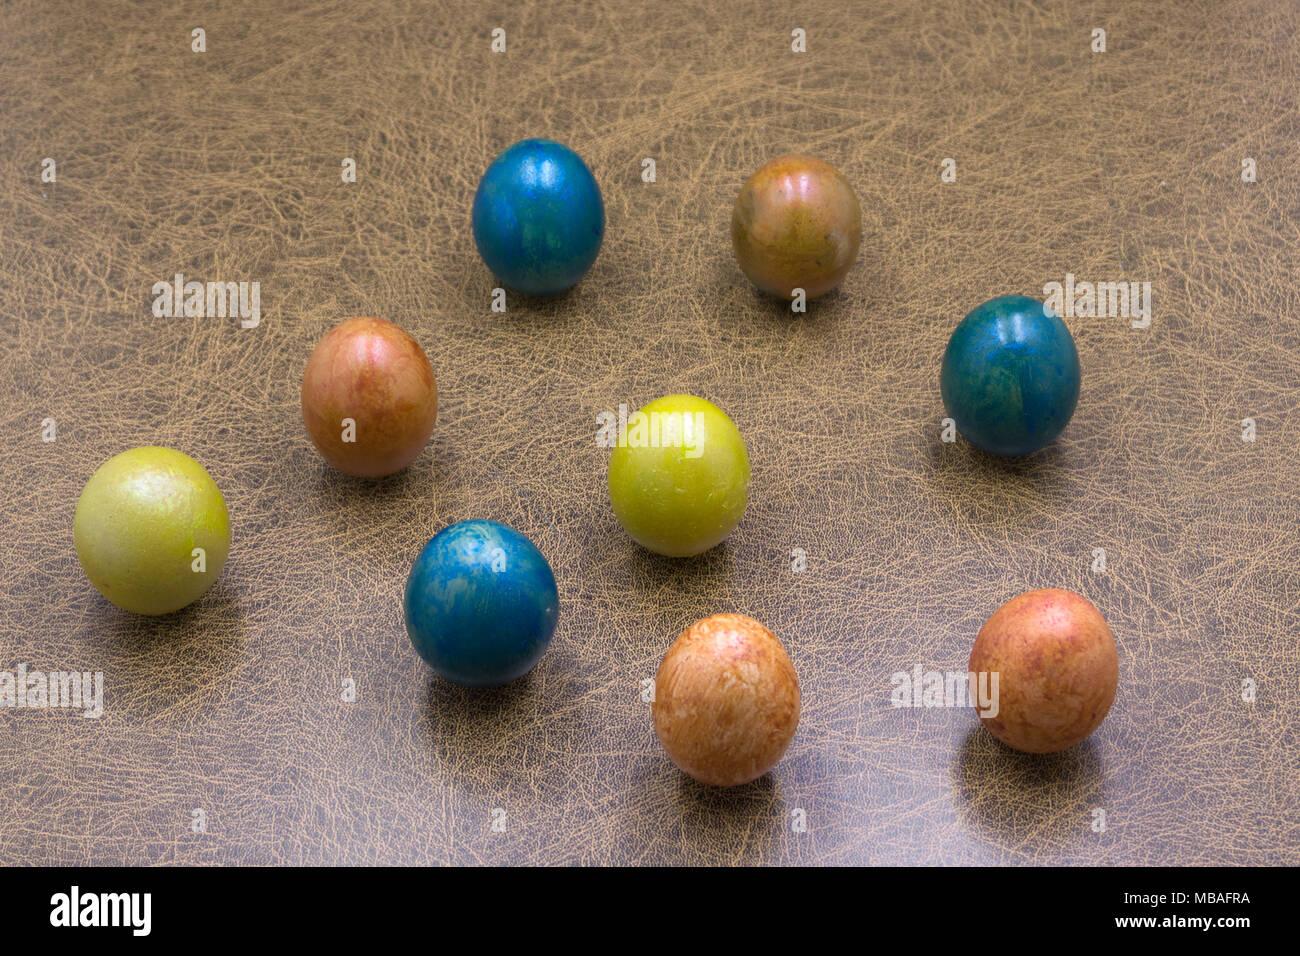 Ostern Farbige Farbigen Eier Auf Einem Weissen Teller In Einem Kreis